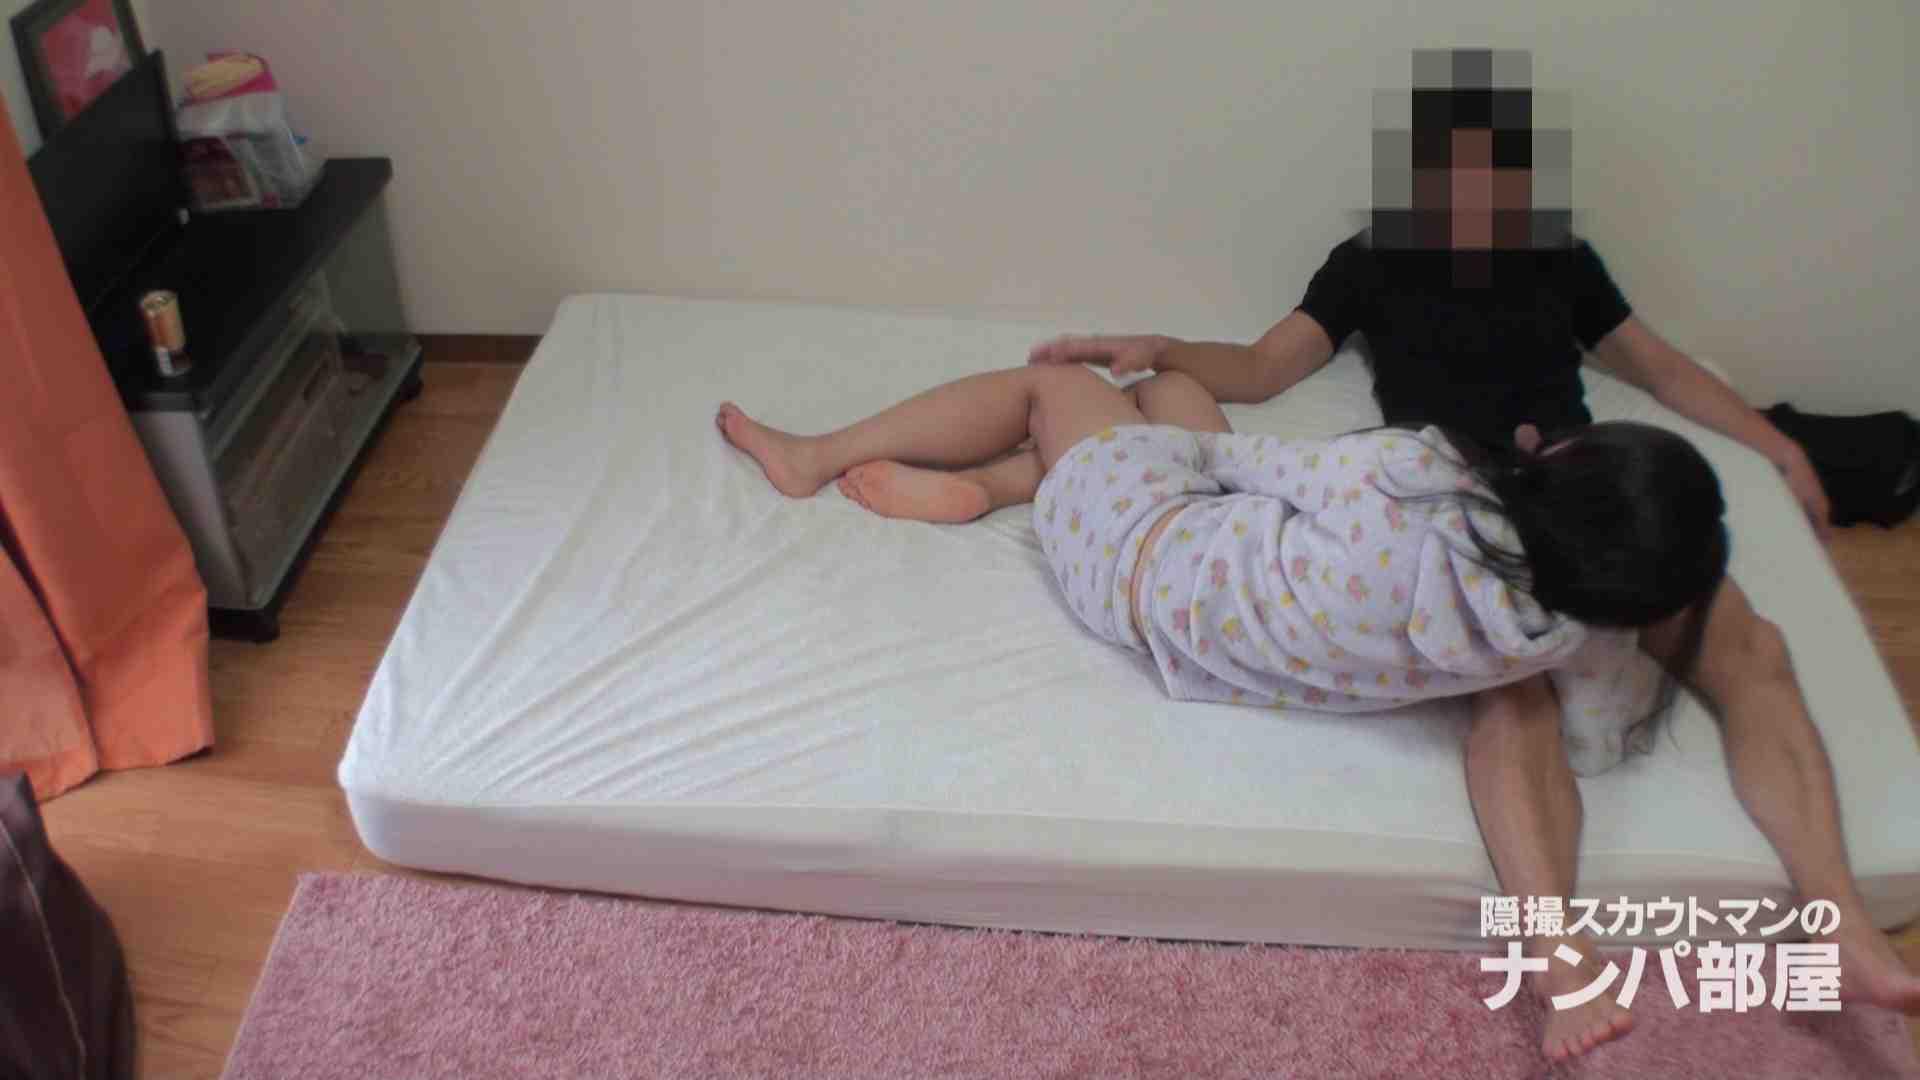 隠撮スカウトマンのナンパ部屋~風俗デビュー前のつまみ食い~hanavol.3 ギャル達のSEX   隠撮  95画像 74